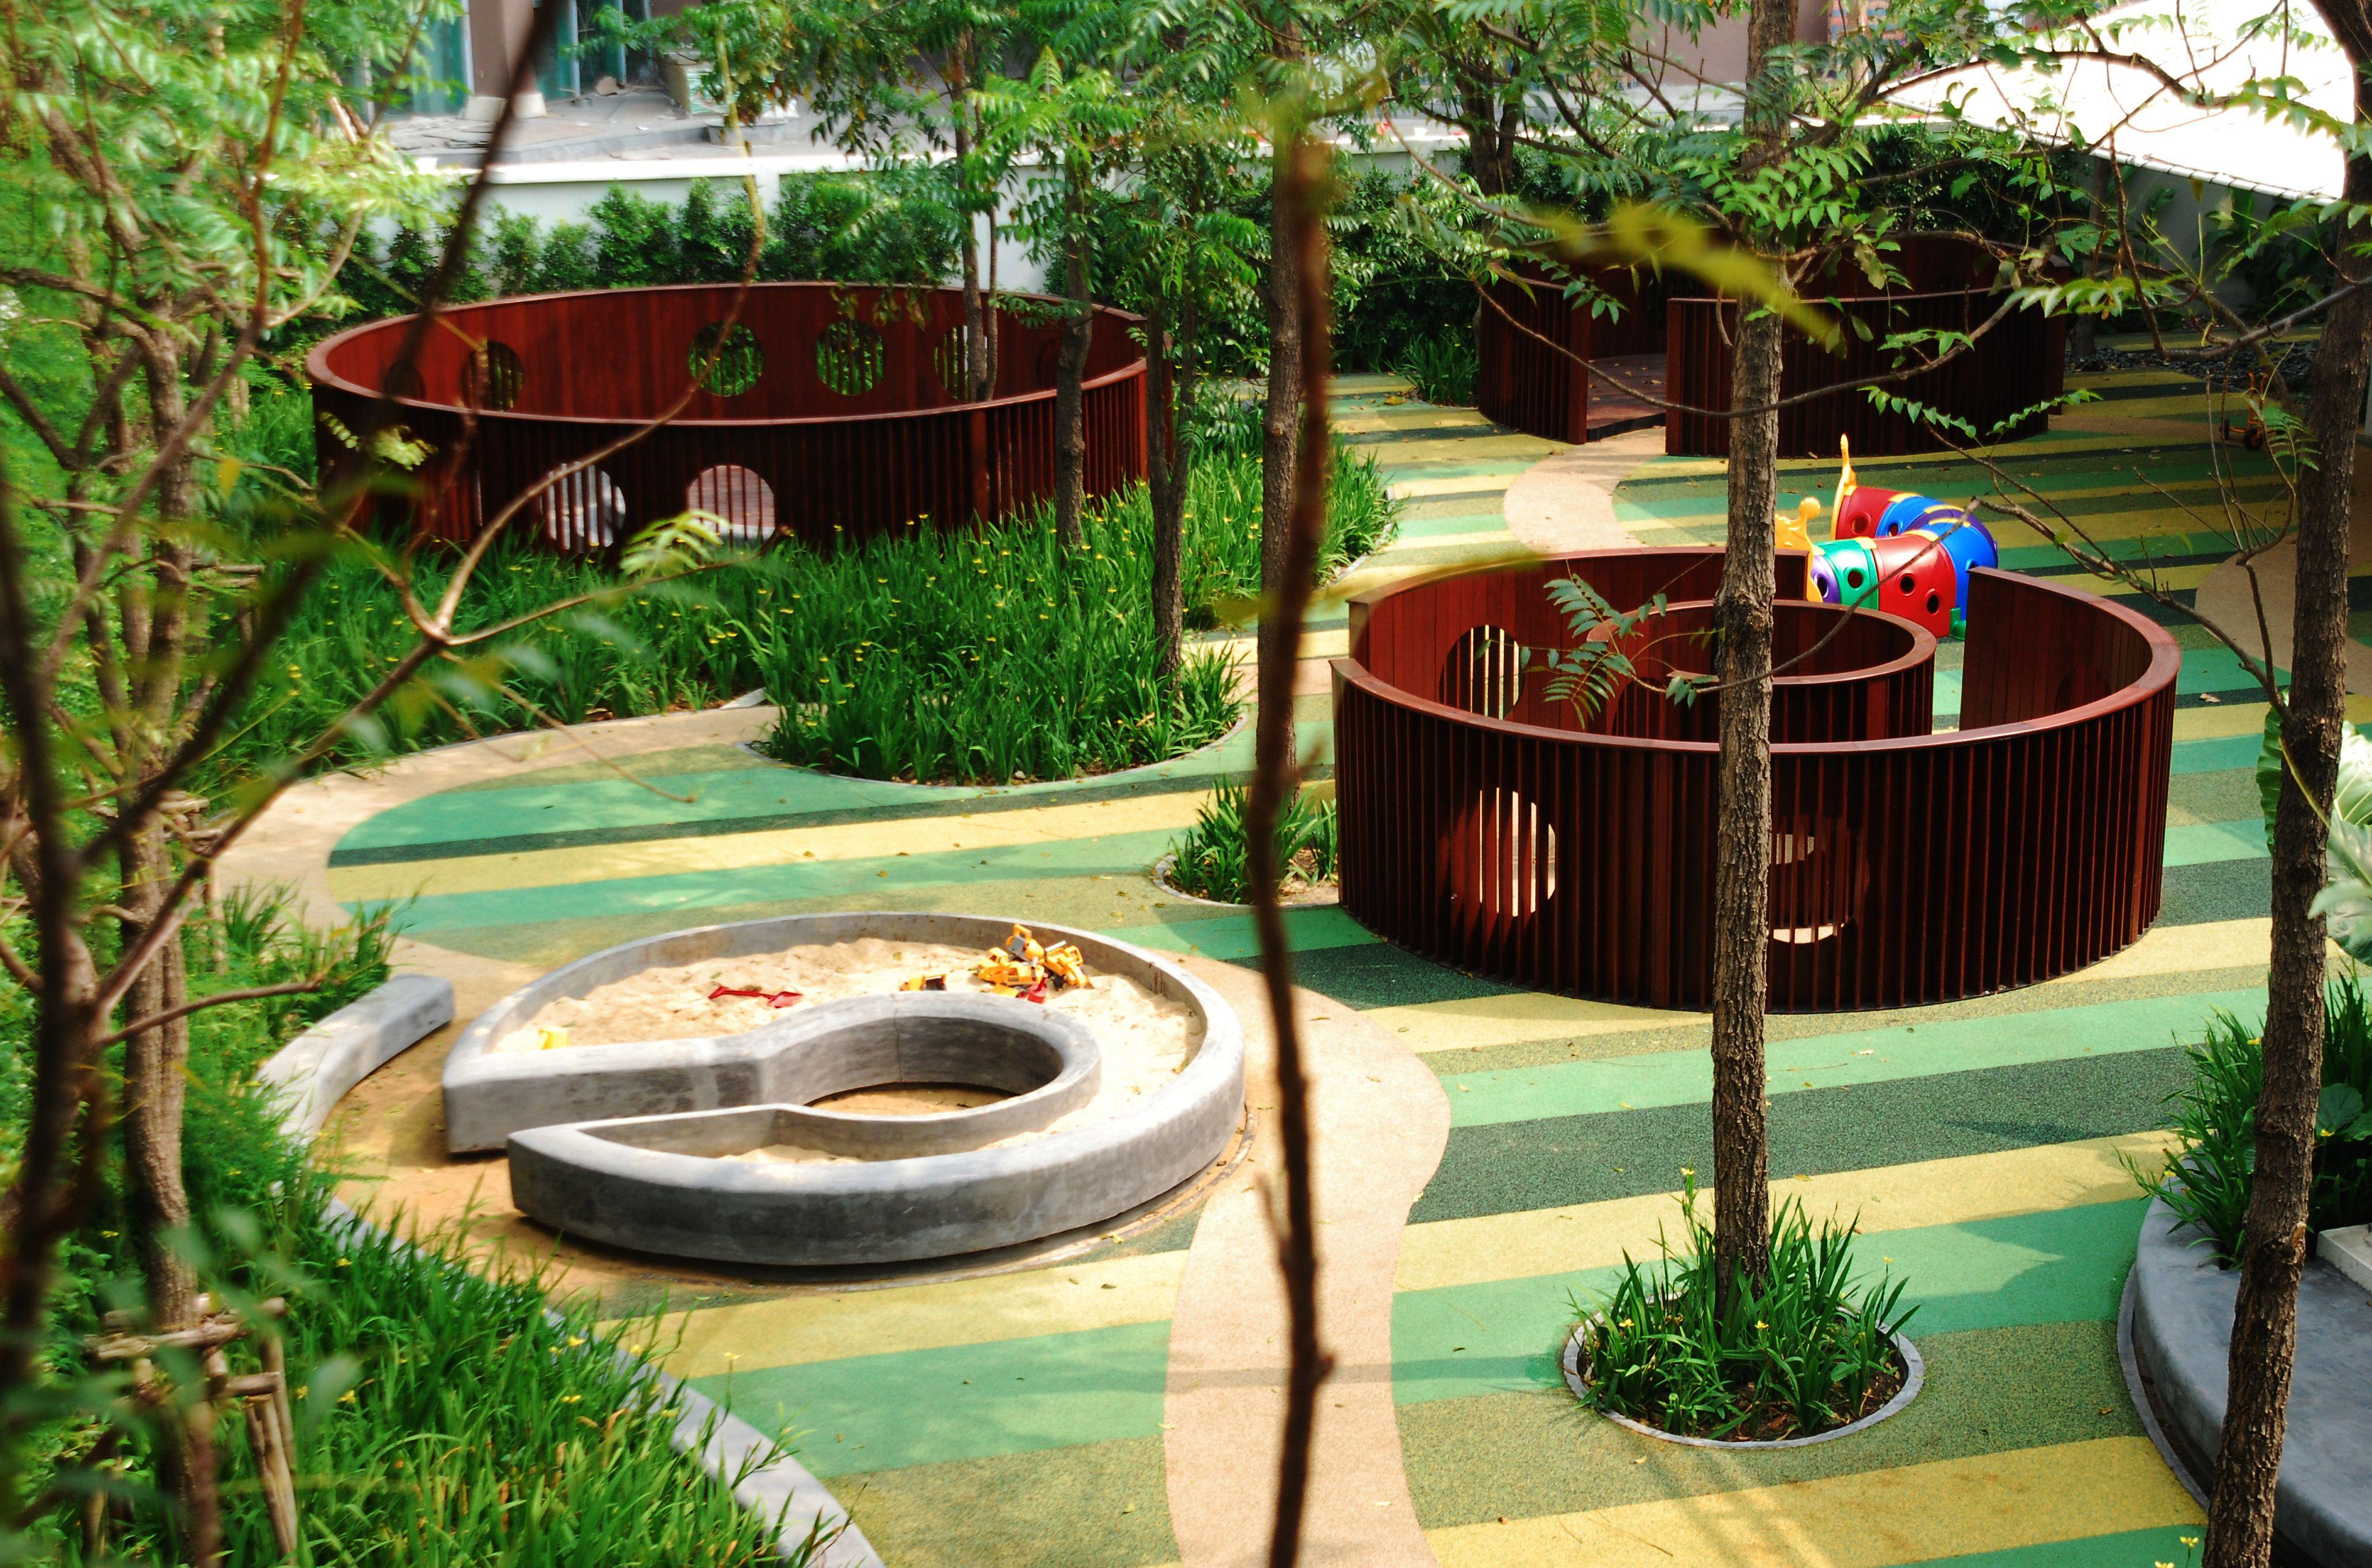 Super Garden Explores the Senses to Accelerate the ...